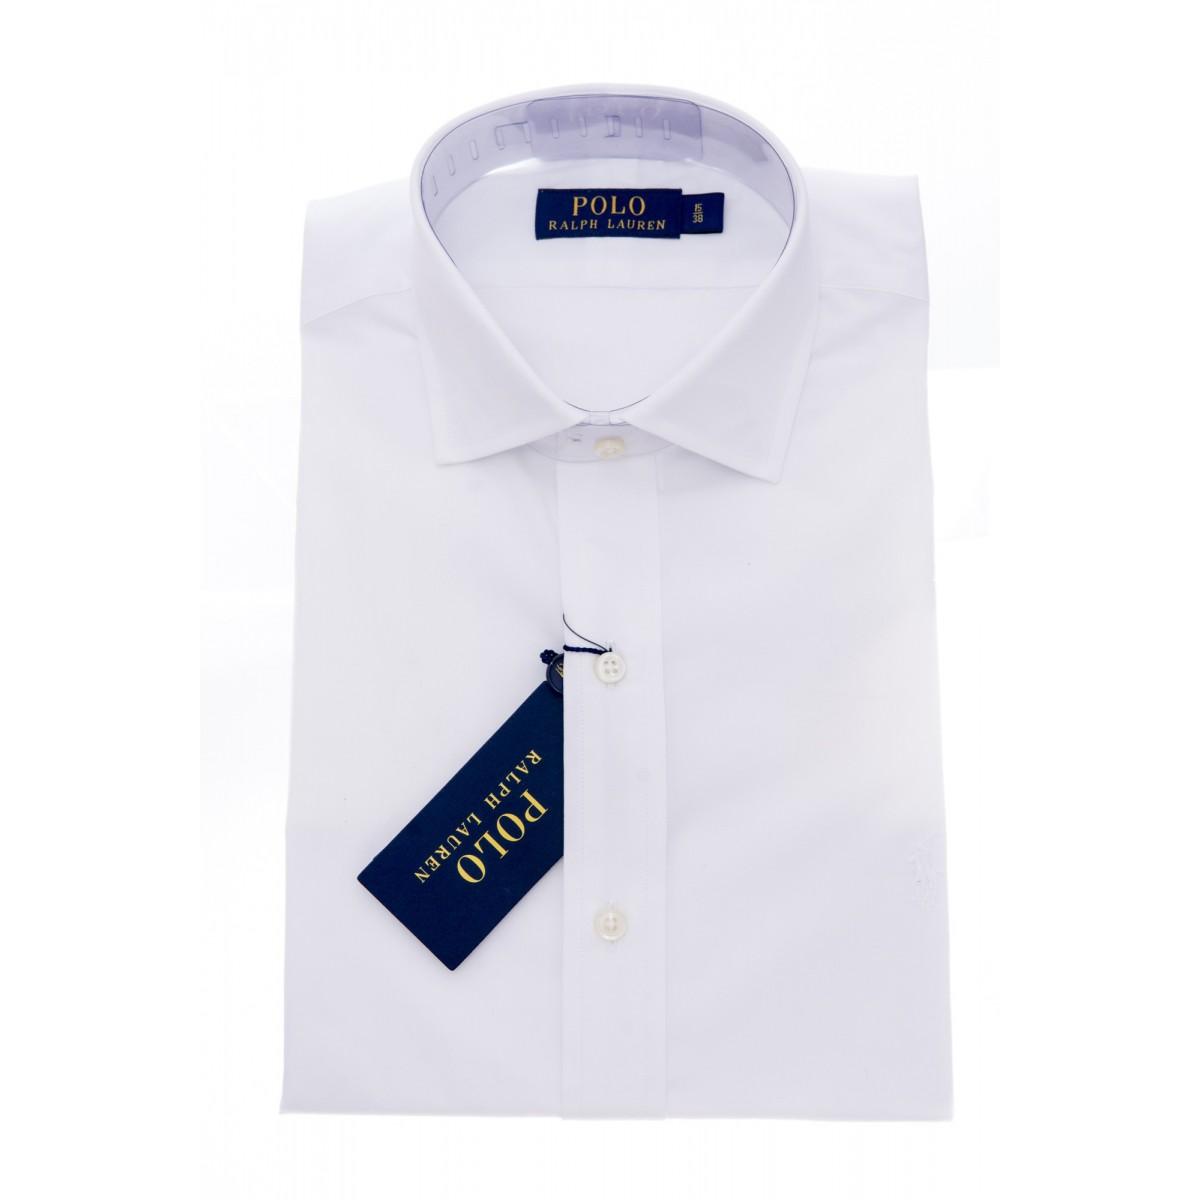 Camicia uomo Ralph lauren - A02wzz00byy04